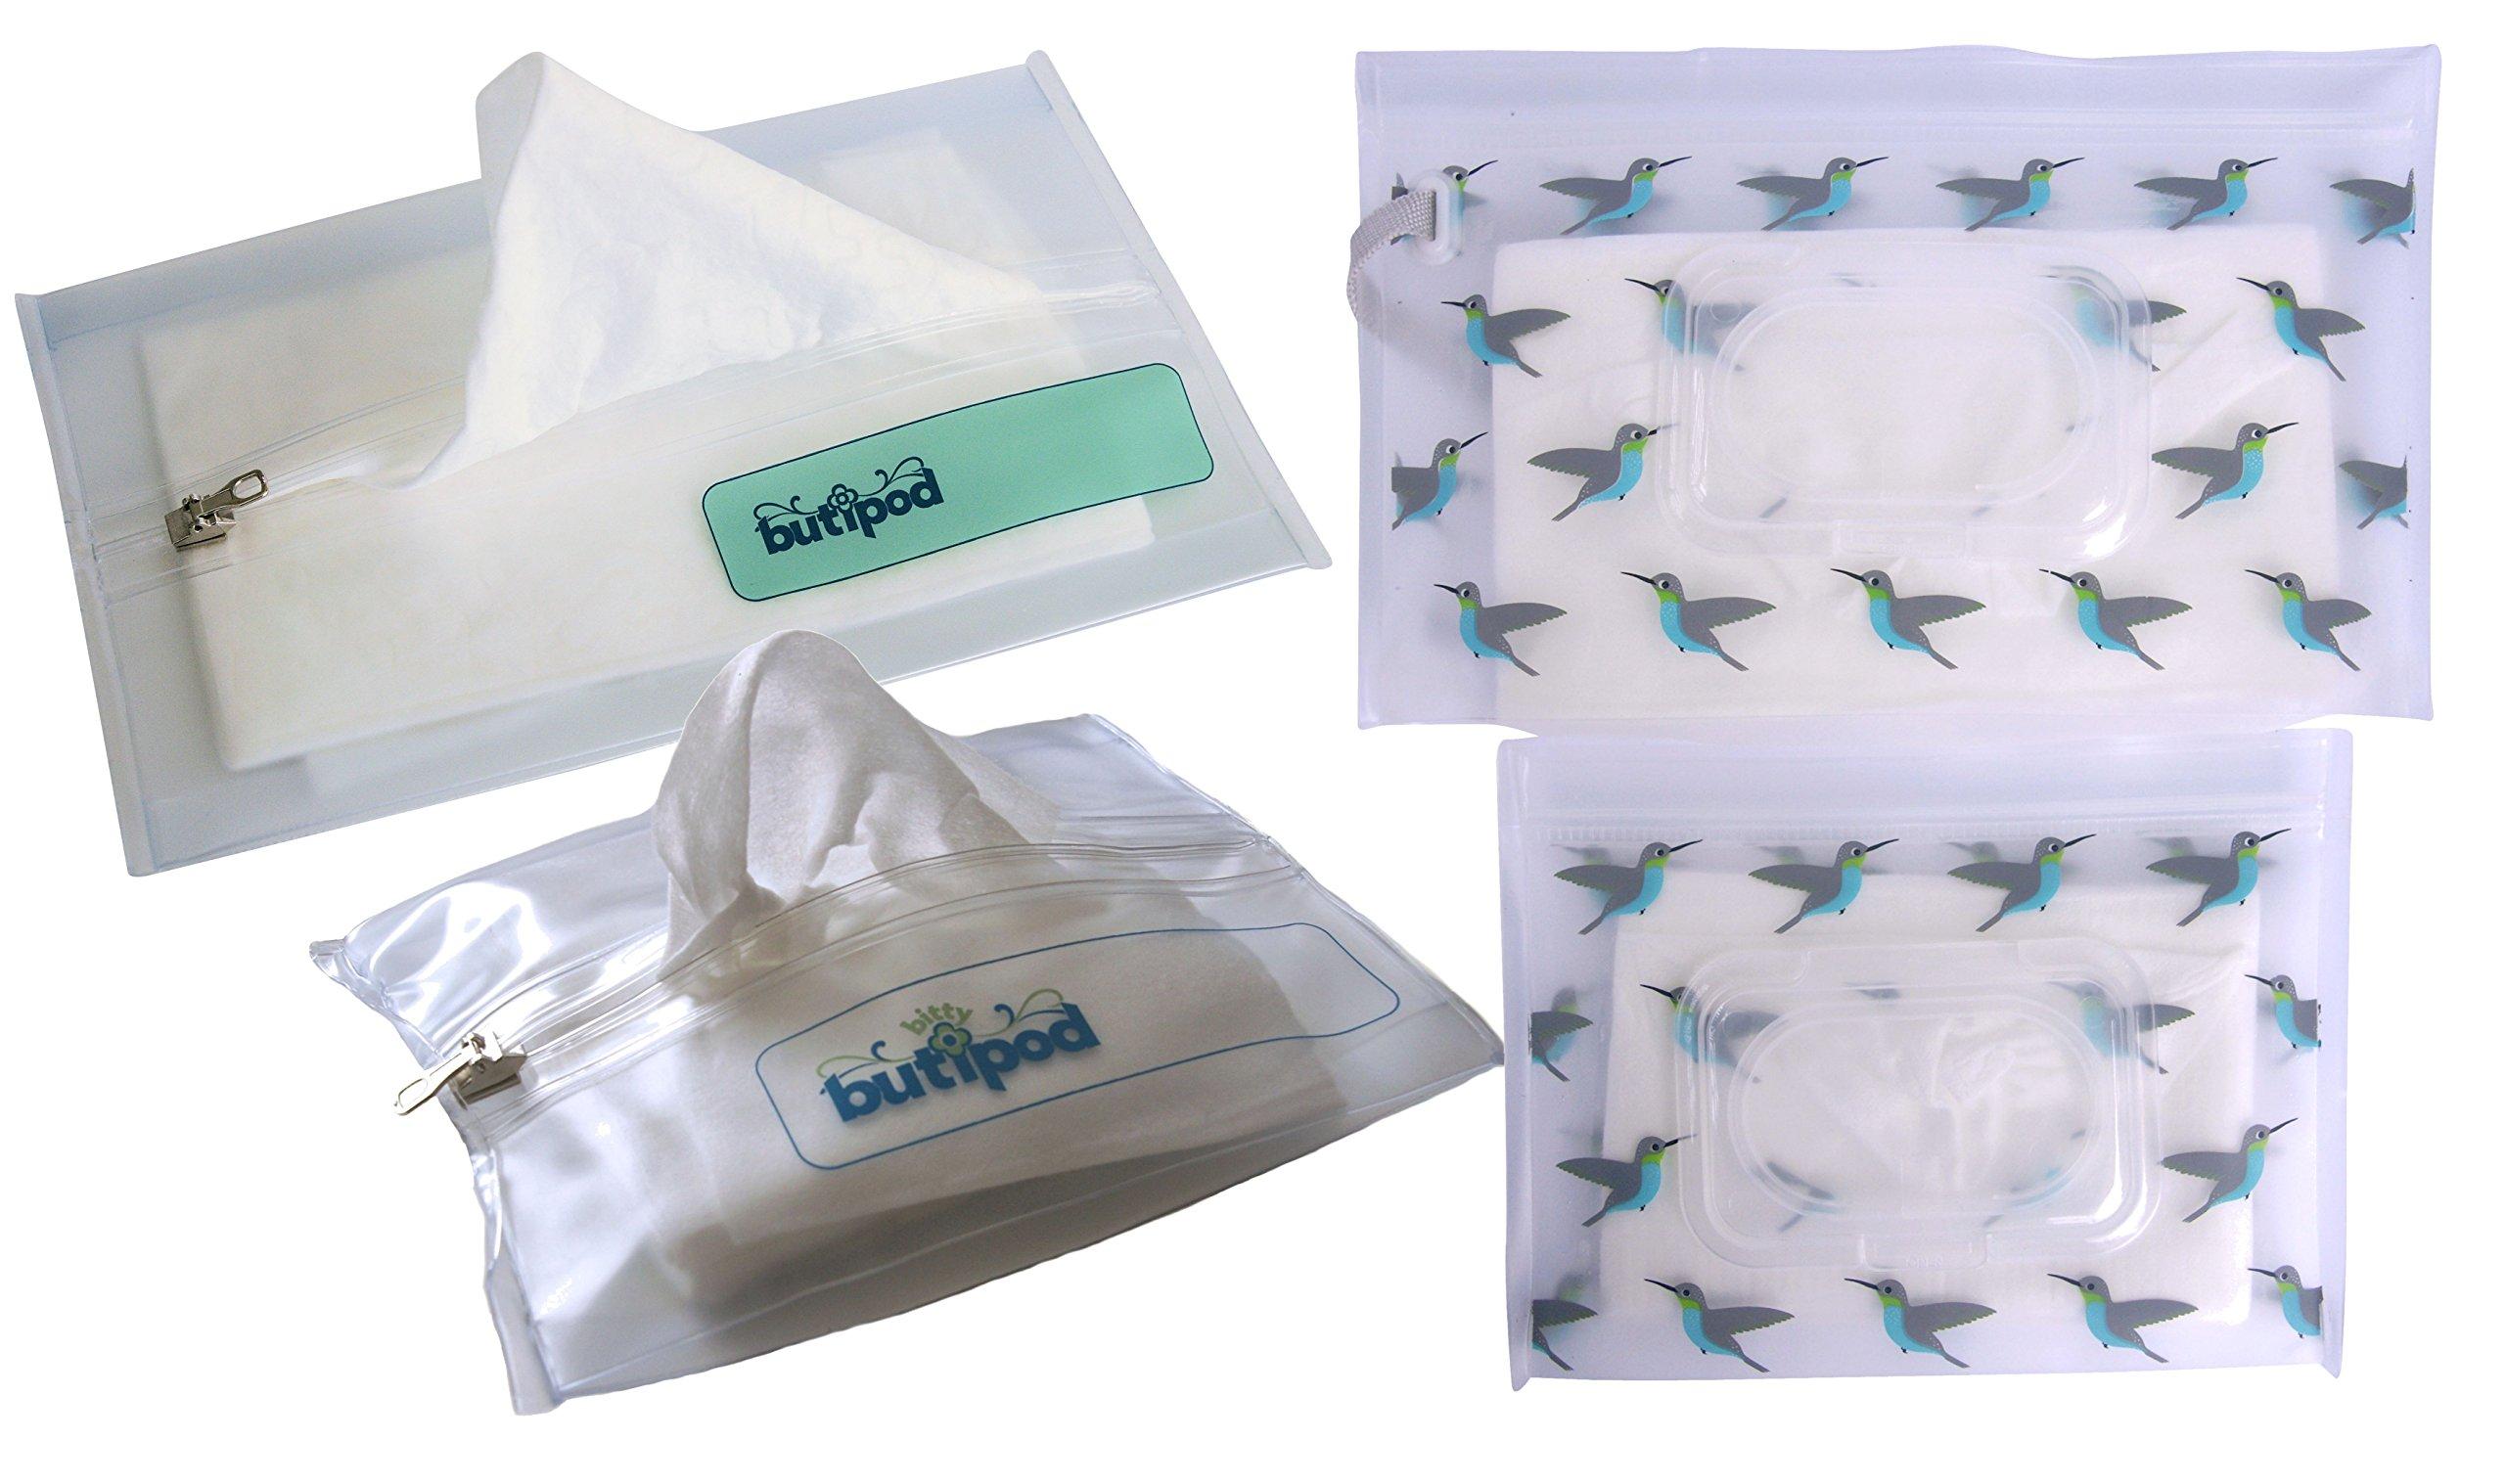 Buti-pods Wipes Case Ultimate Diaper Bag Sampler Pack (4 pack, zip/flip clear/hummingbird)